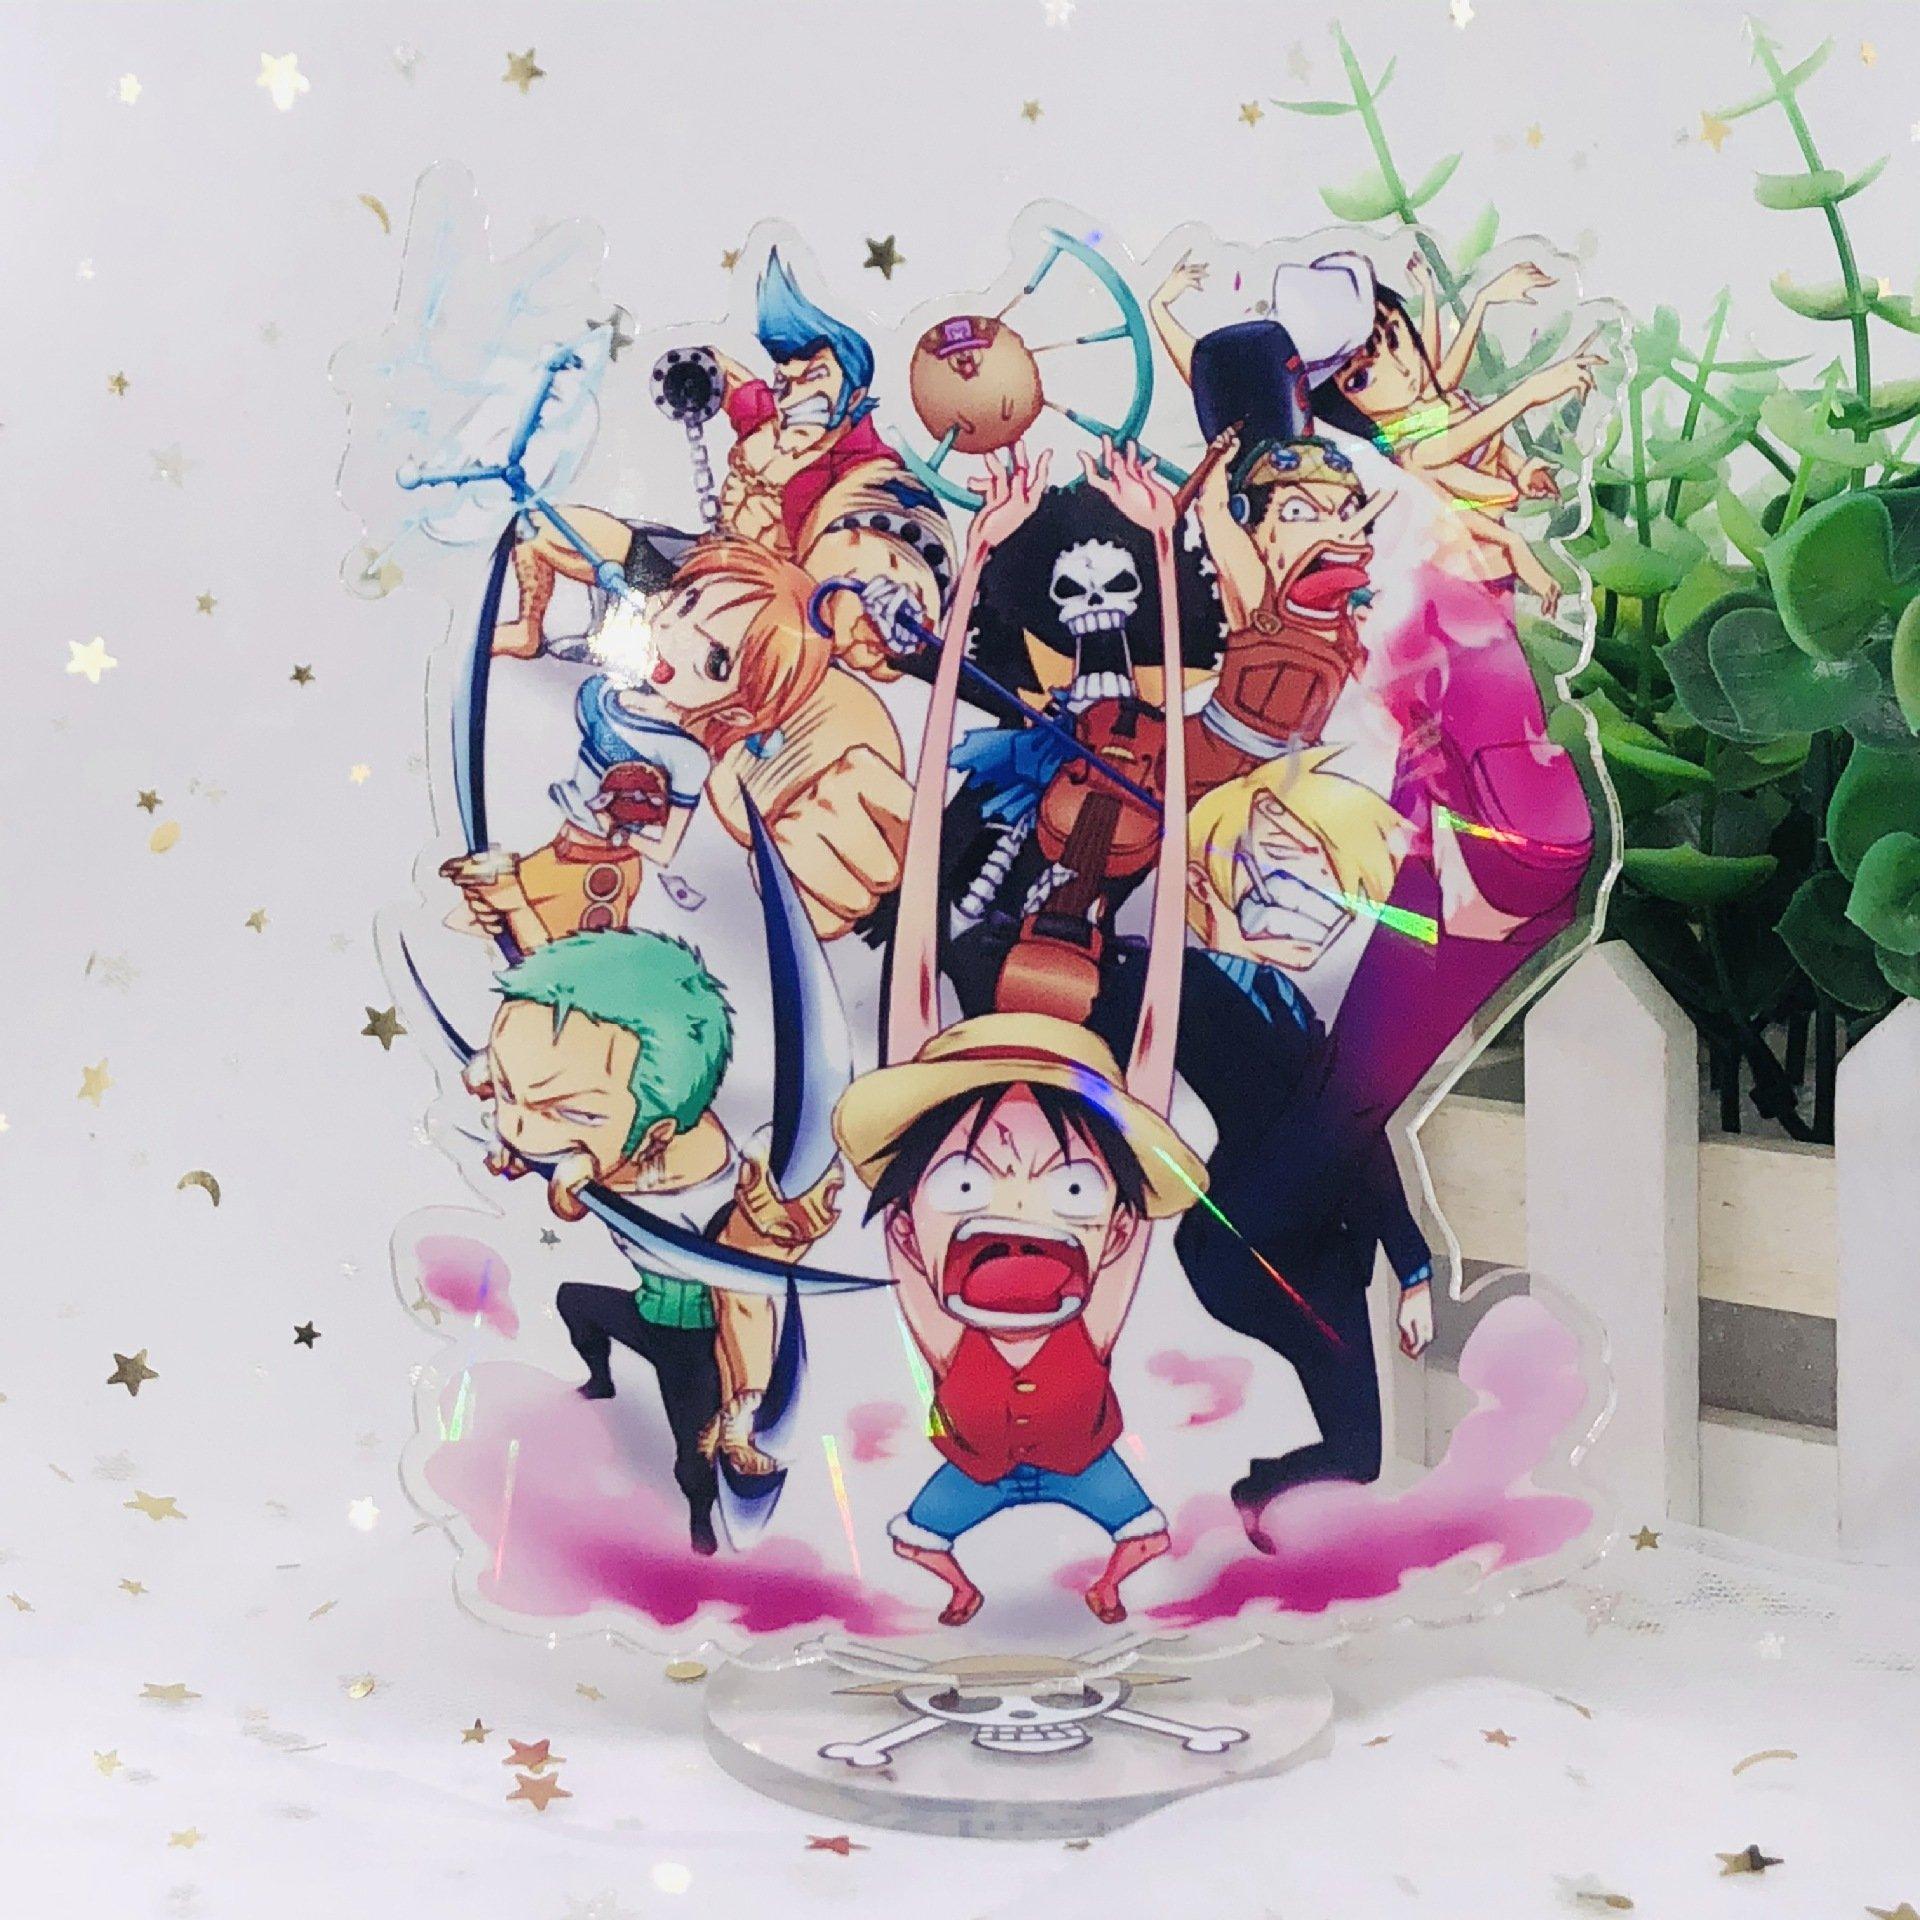 Standee ONE PIECE ĐẢO HẢI TẶC VER VẼ CHIBI Tượng Acrylic Standee Anime mica chibi trang trí trưng bày mô hình (MẪU GIAO NGẪU NHIÊN)